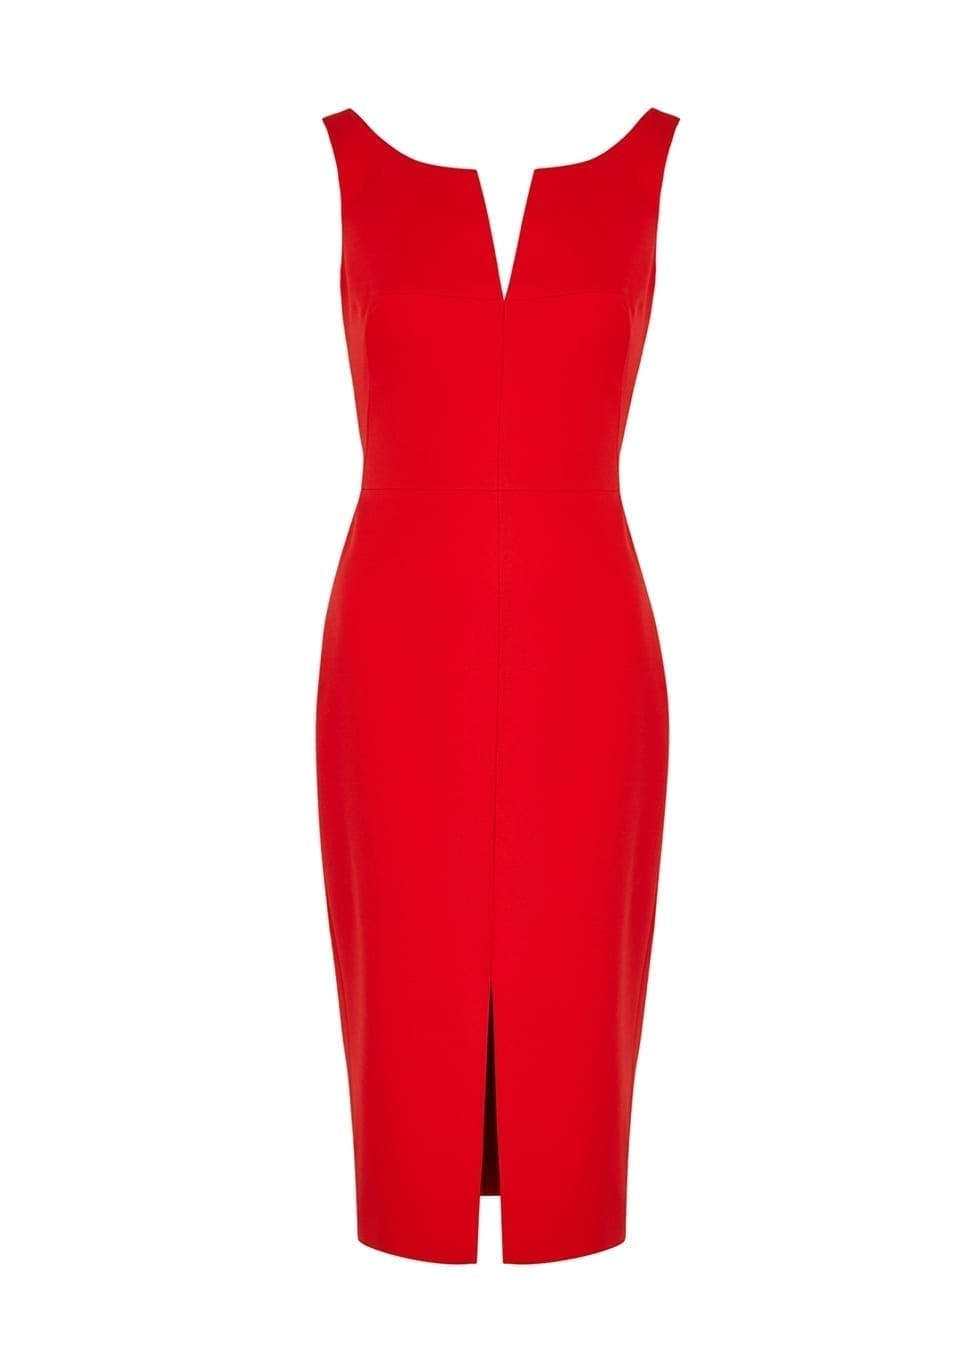 ALEXANDER MCQUEEN Red Wool-blend Midi Dress